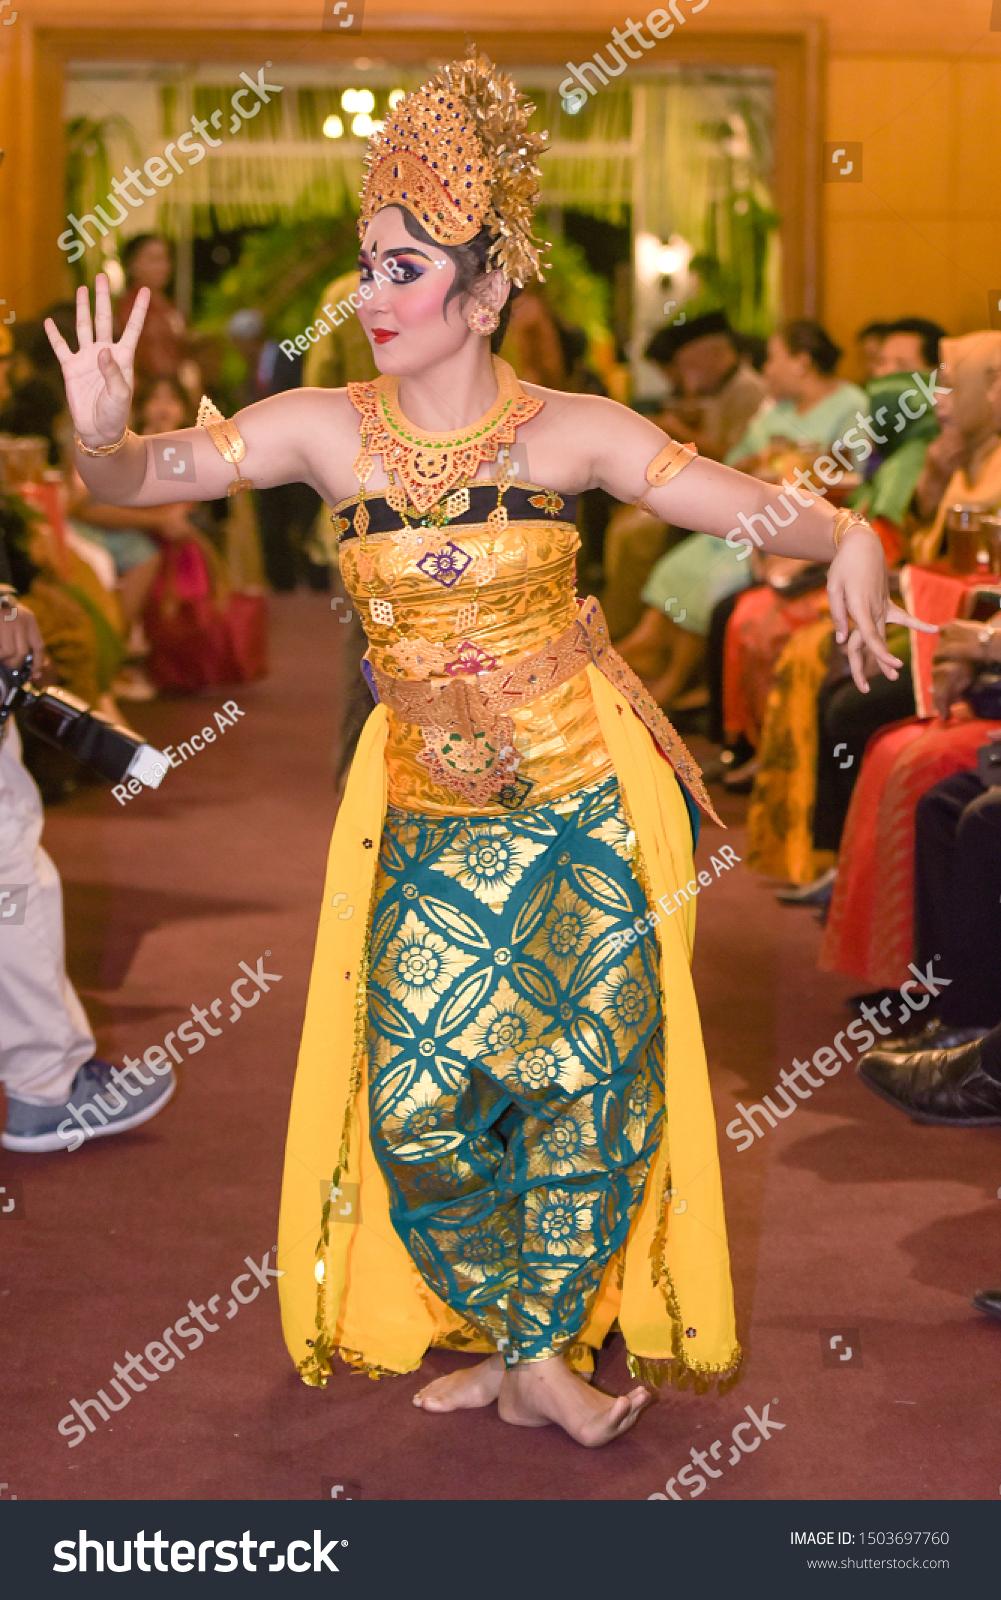 Download Video Tari Bali : download, video, Tamulilingan, Dance, Balinese, Stock, Photo, (Edit, 1503697760